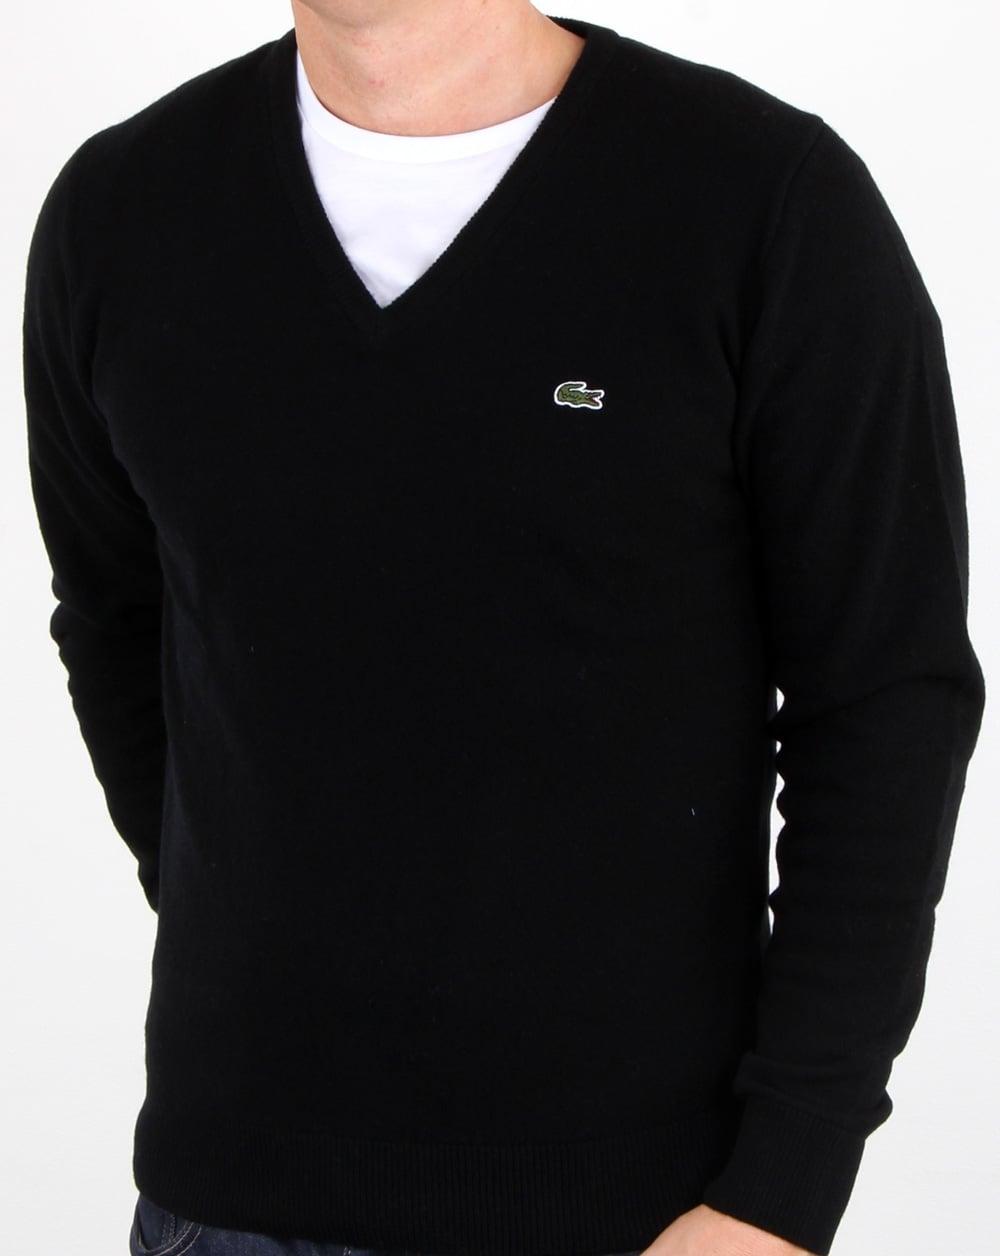 567bc448a2 Lacoste Wool V Neck Jumper Black